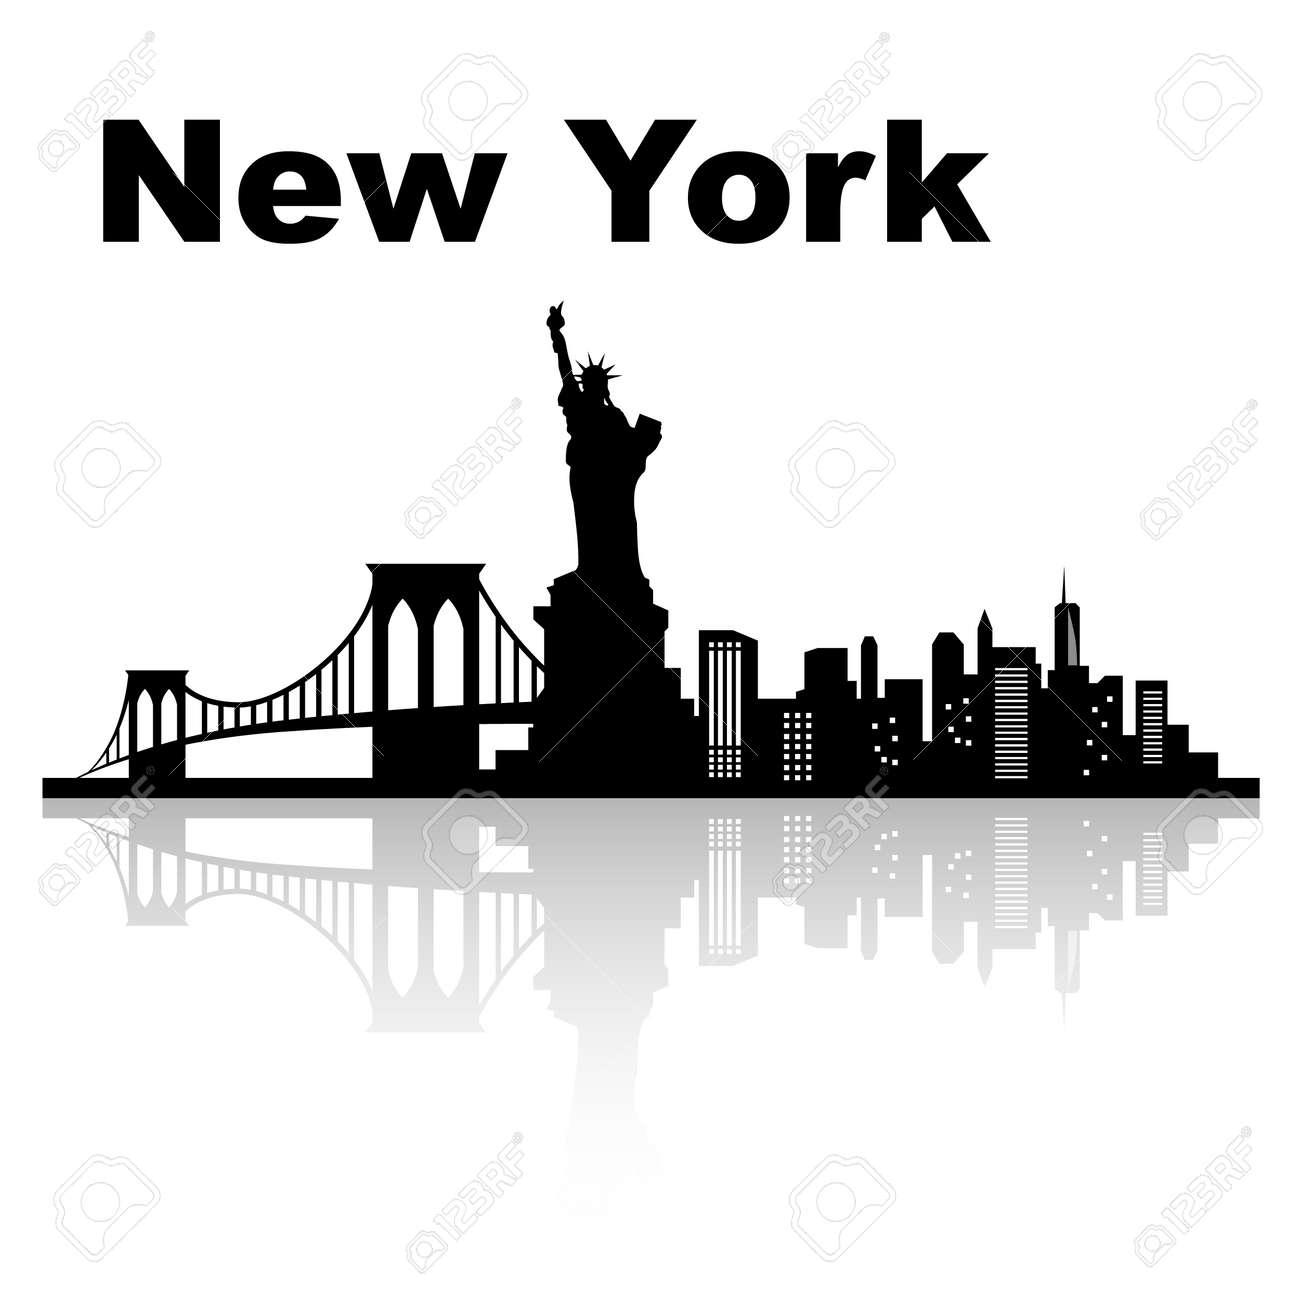 New york skyline - black and white vector illustration - 30073808